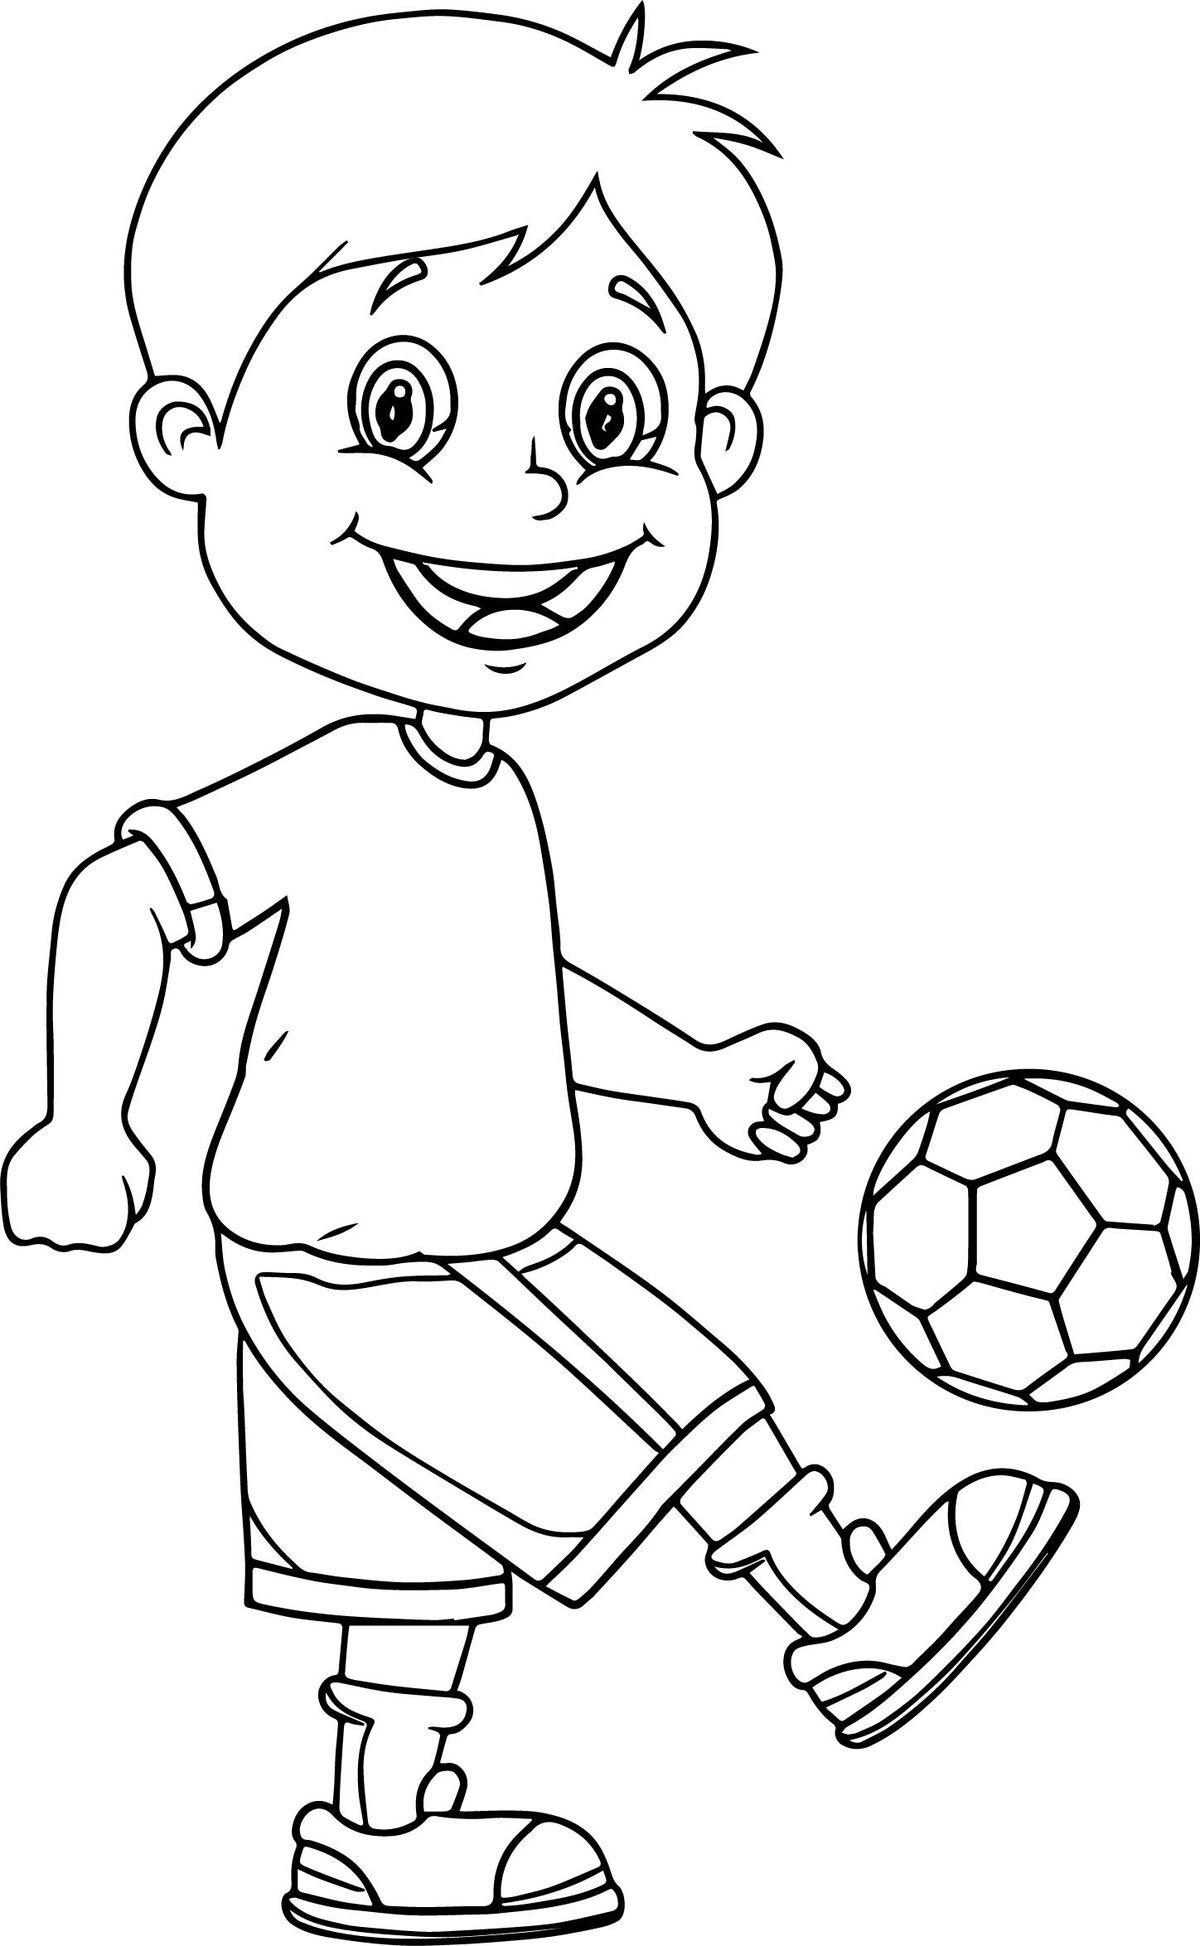 Картинки про футбол черно белые